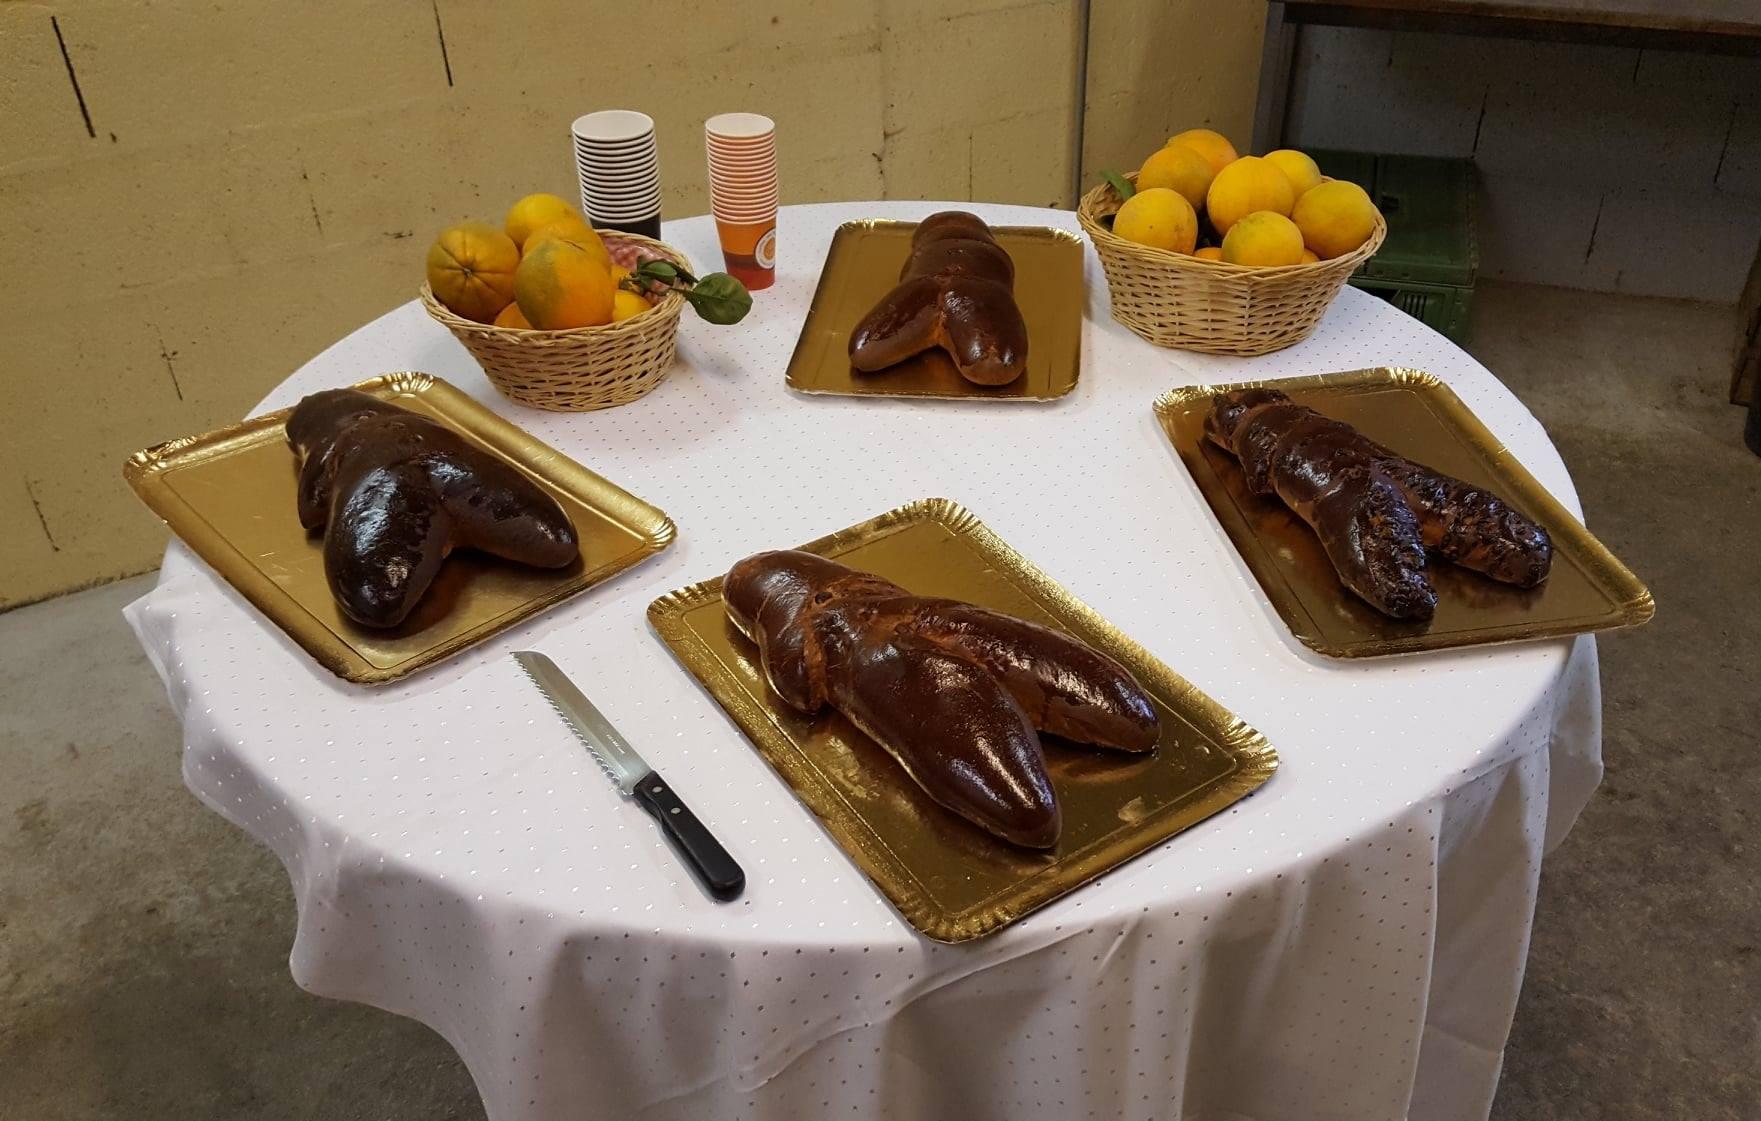 Alors quoi de neuf cette semaine ? Les articles de fêtes font leur entrée ! St Nicolas en chocolat, pain d'épices, foie gras… Il n'y a plus qu'à se laisser tenter 😊 Rendez-vous tout de suite Ce vendredi nous fêterons également la St Nicolas à la Ferme Reymann autour de notre traditionnel chocolat chaud fait maison sans oublier le célèbre manala